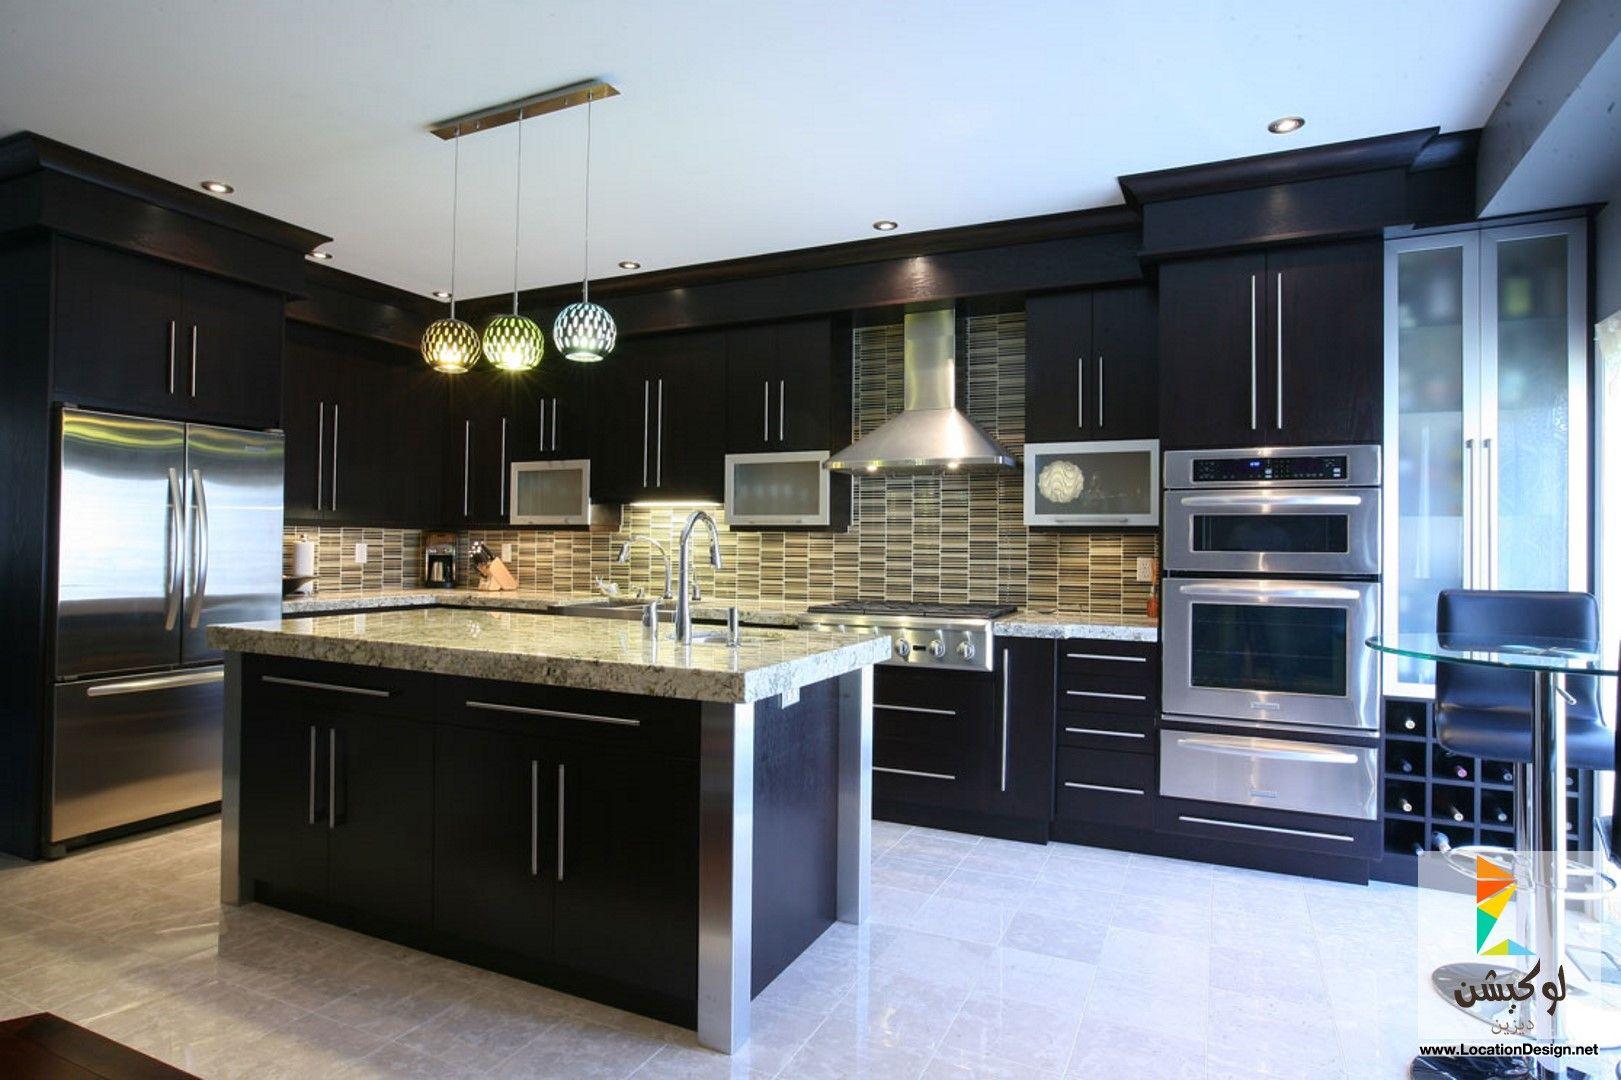 أفخم تصاميم مطابخ ايطالي مودرن لوكيشن ديزاين تصميمات ديكورات أفكار جديدة Kitchen Inspiration Design Contemporary Kitchen Design Kitchen Designs Layout